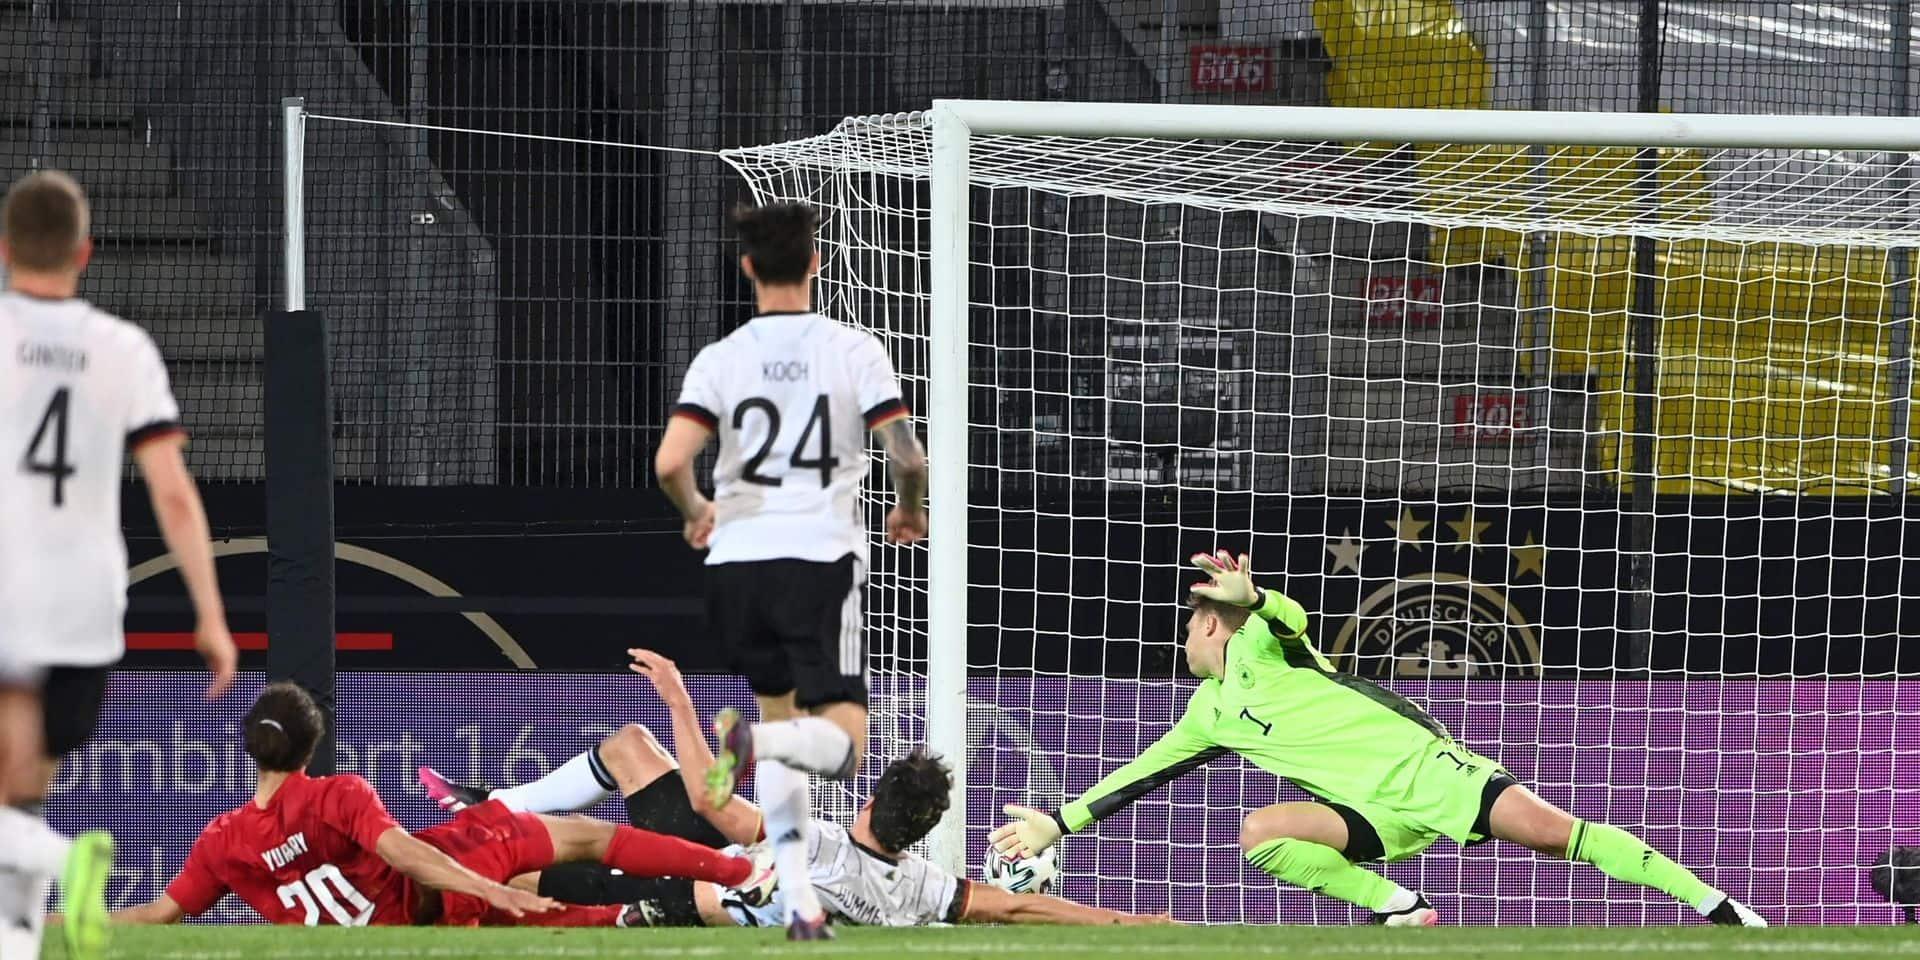 Préparation de l'Euro: le Danemark, adversaire de la Belgique à l'Euro, partage contre l'Allemagne, les Bleus écrasent le Pays de Galles